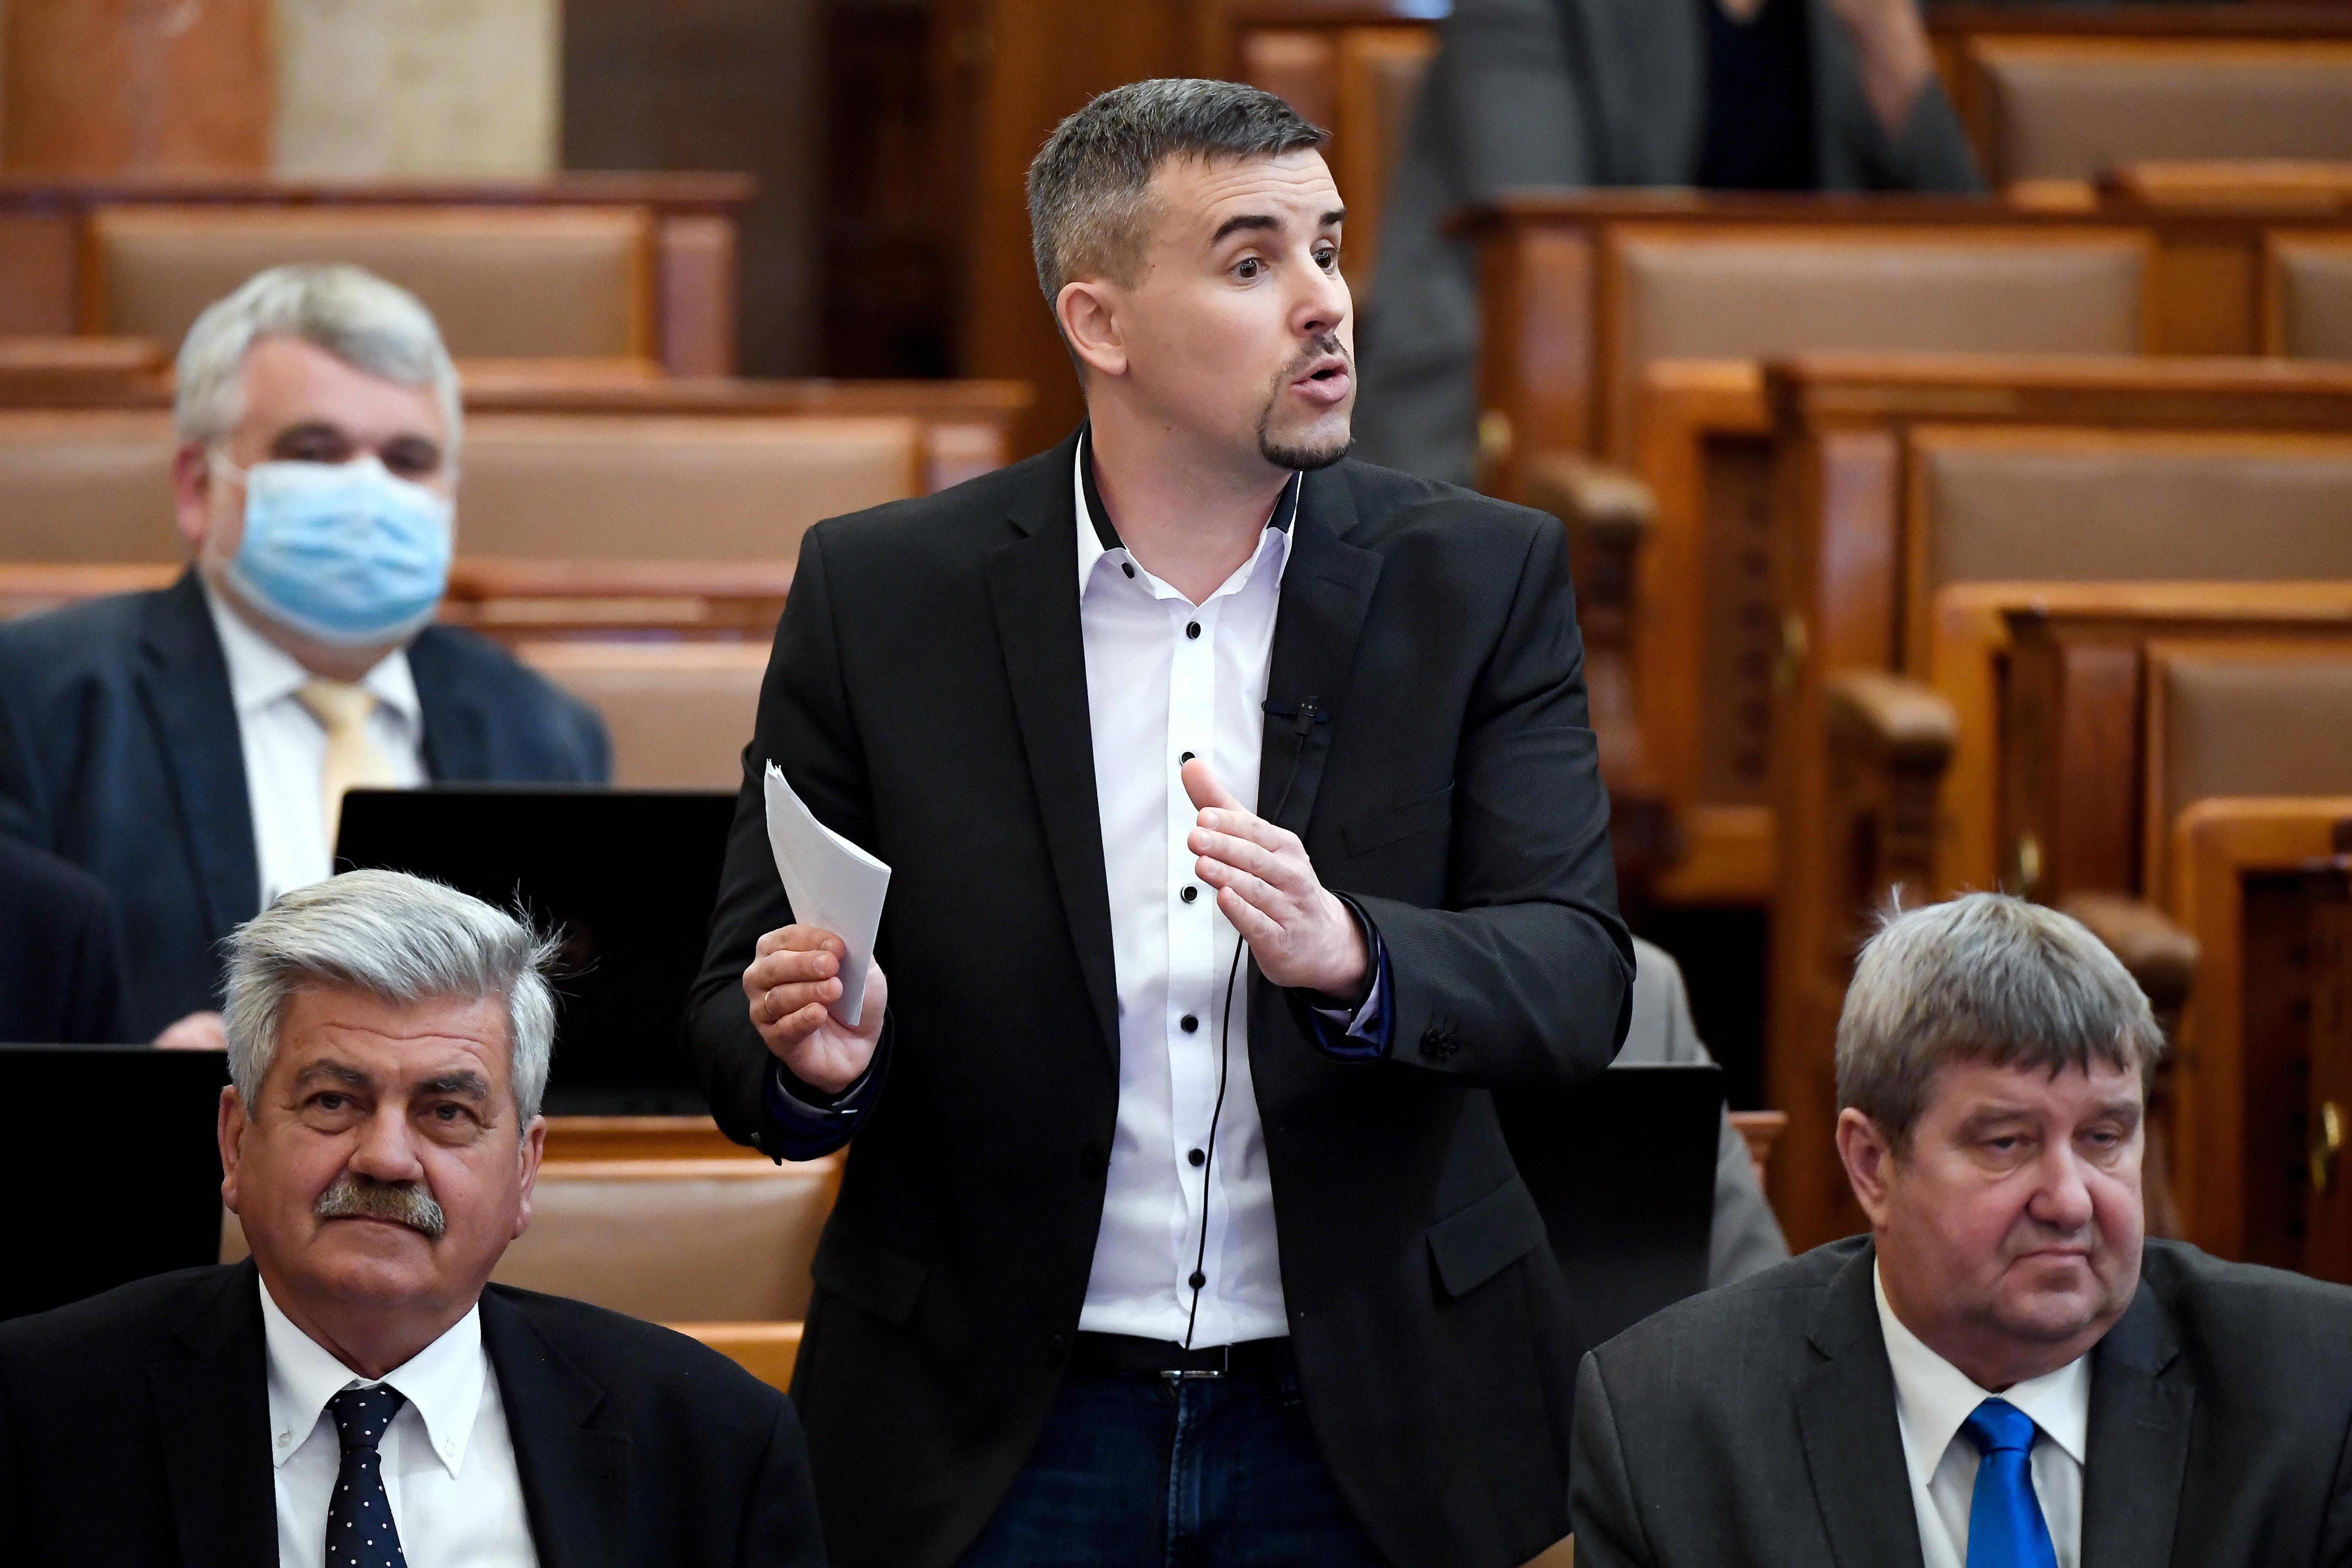 Umfrage über Vorwahlen der Opposition: Jakab führt, Karácsony ist Dritter